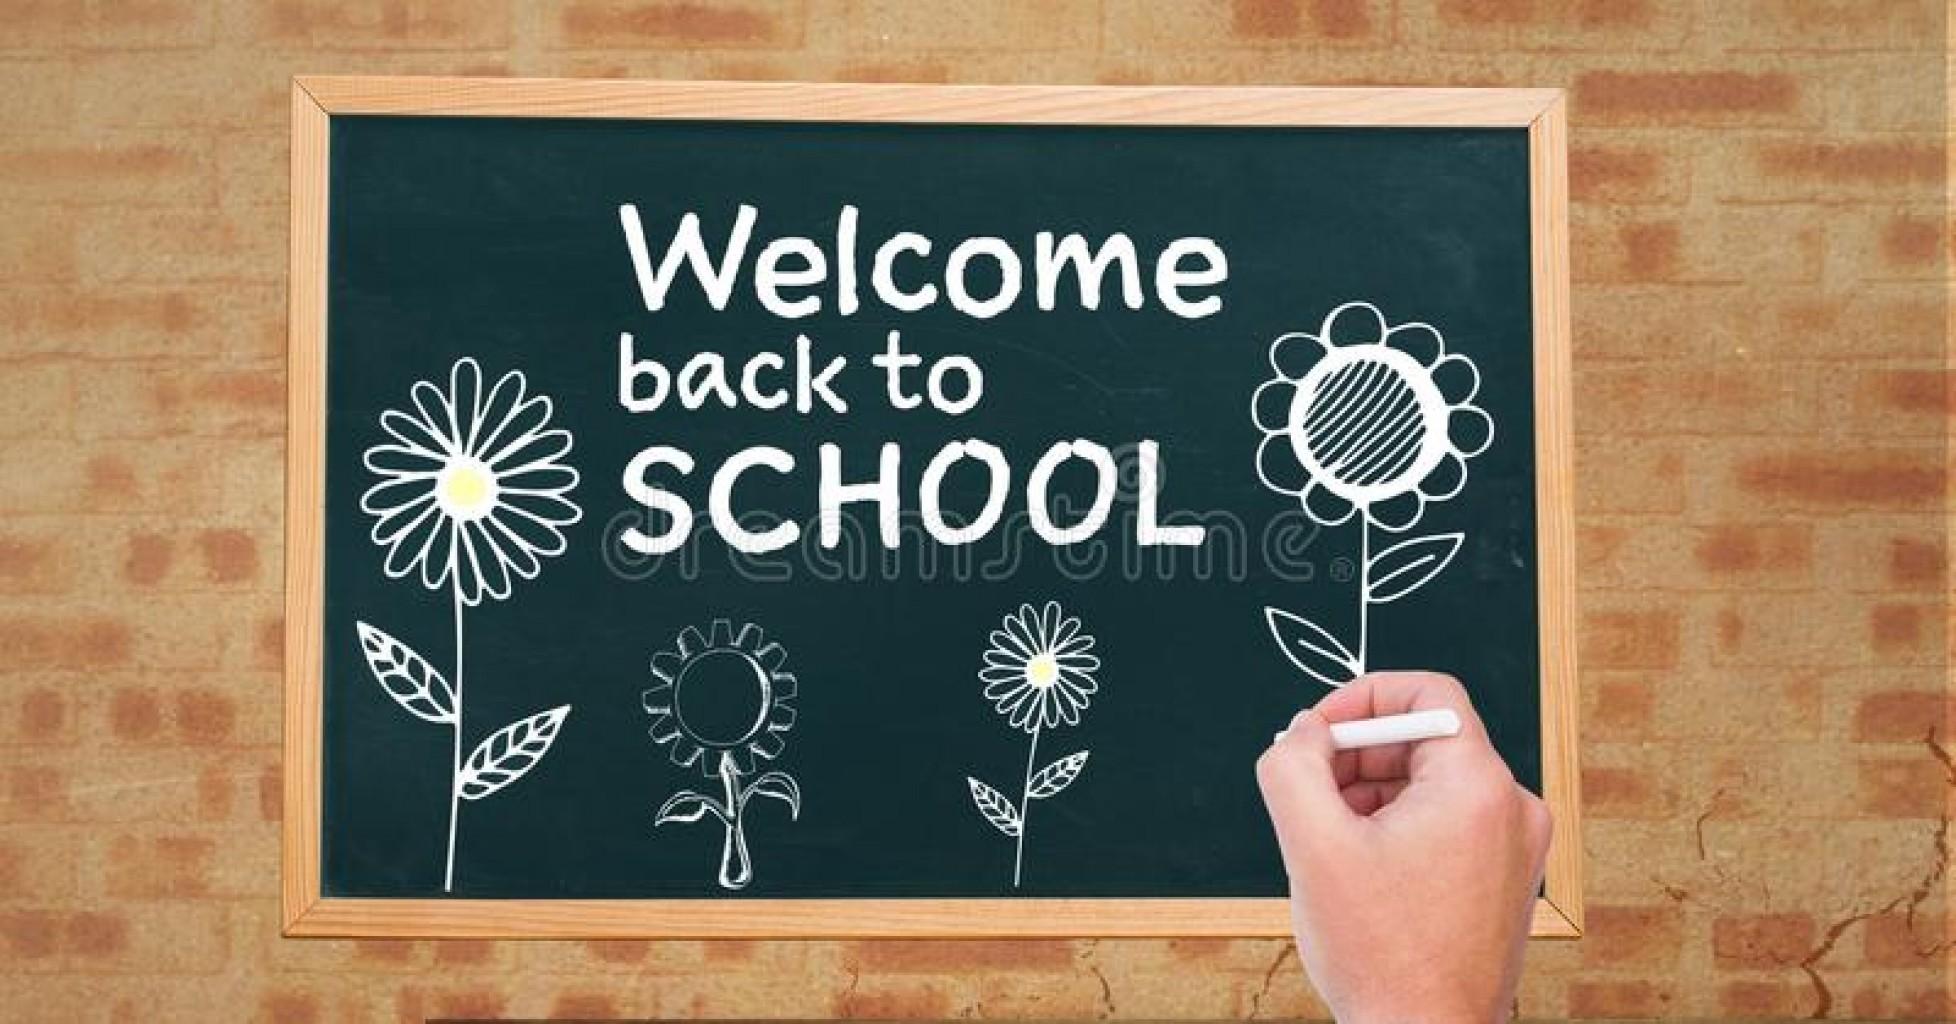 Las Escuelas Públicas de Tulsa les dan la bienvenida a los estudiantes al aprendizaje en persona